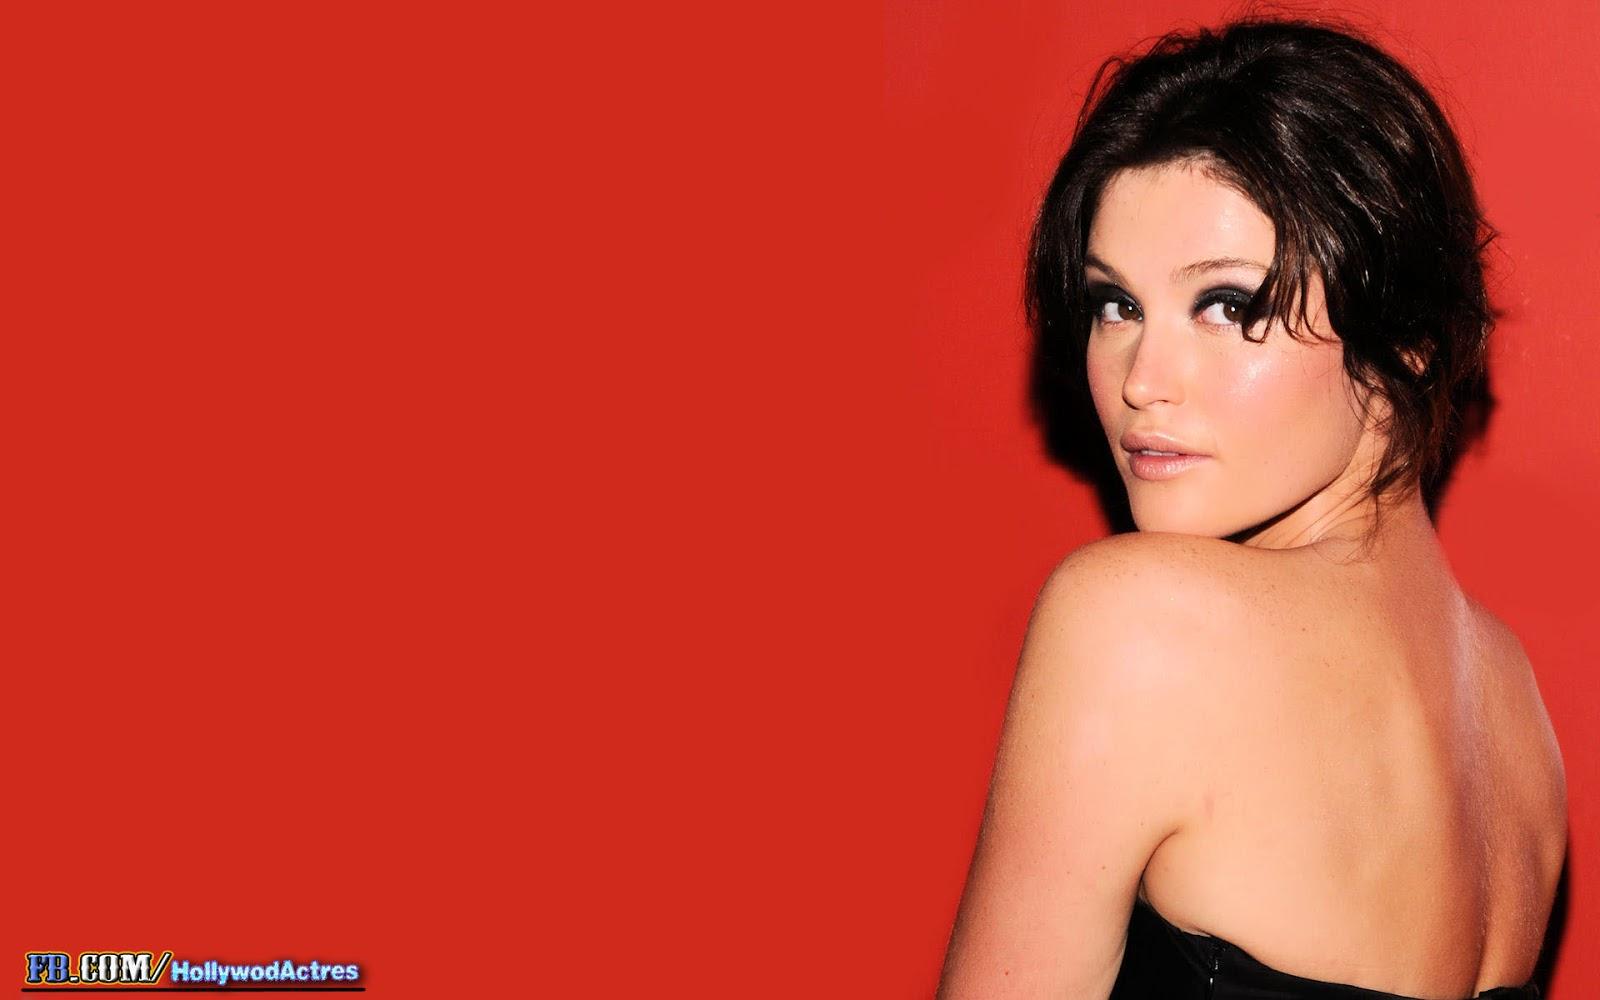 http://4.bp.blogspot.com/-TTjTO2GfUb8/USPKykiWfsI/AAAAAAAANPM/mAj50ugAJDg/s1600/Gemma+Arterton+15.jpg